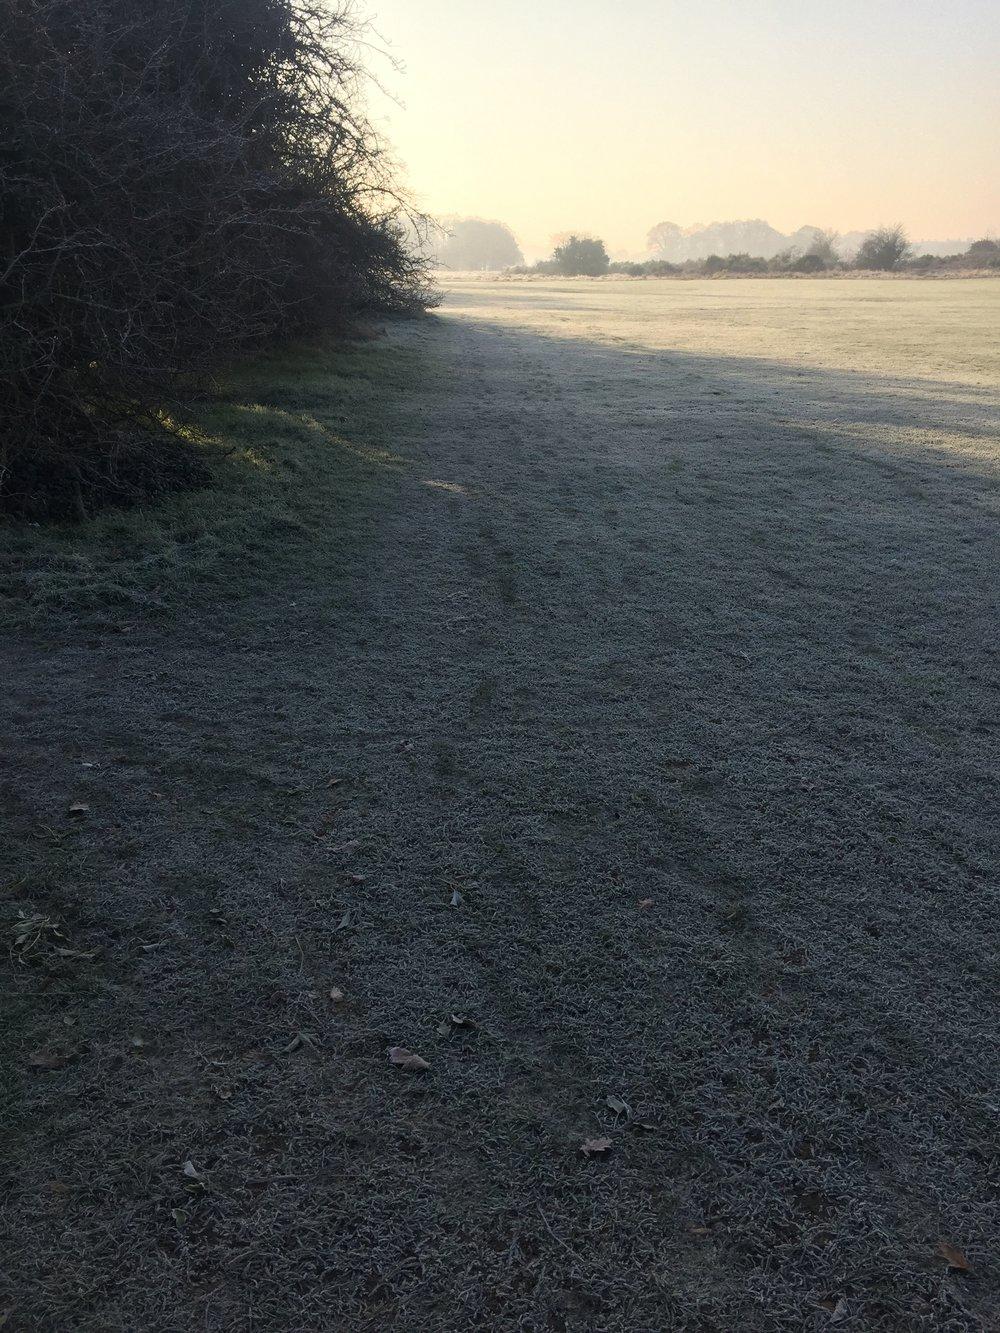 Veeeery forsty miles on Sunday morning.